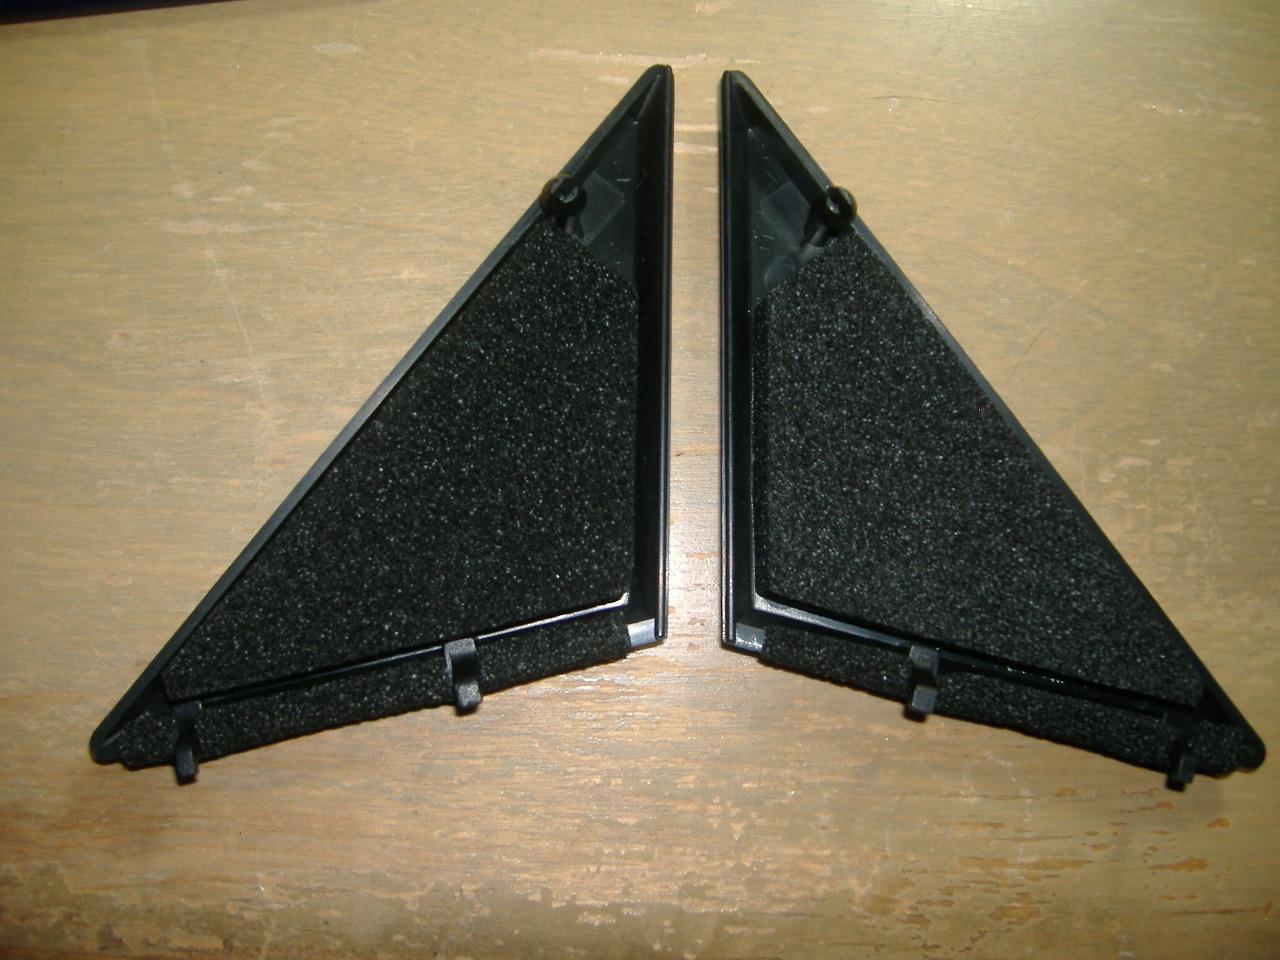 Mki Mr2 Reproduction Interior Mirror Trim Triangle